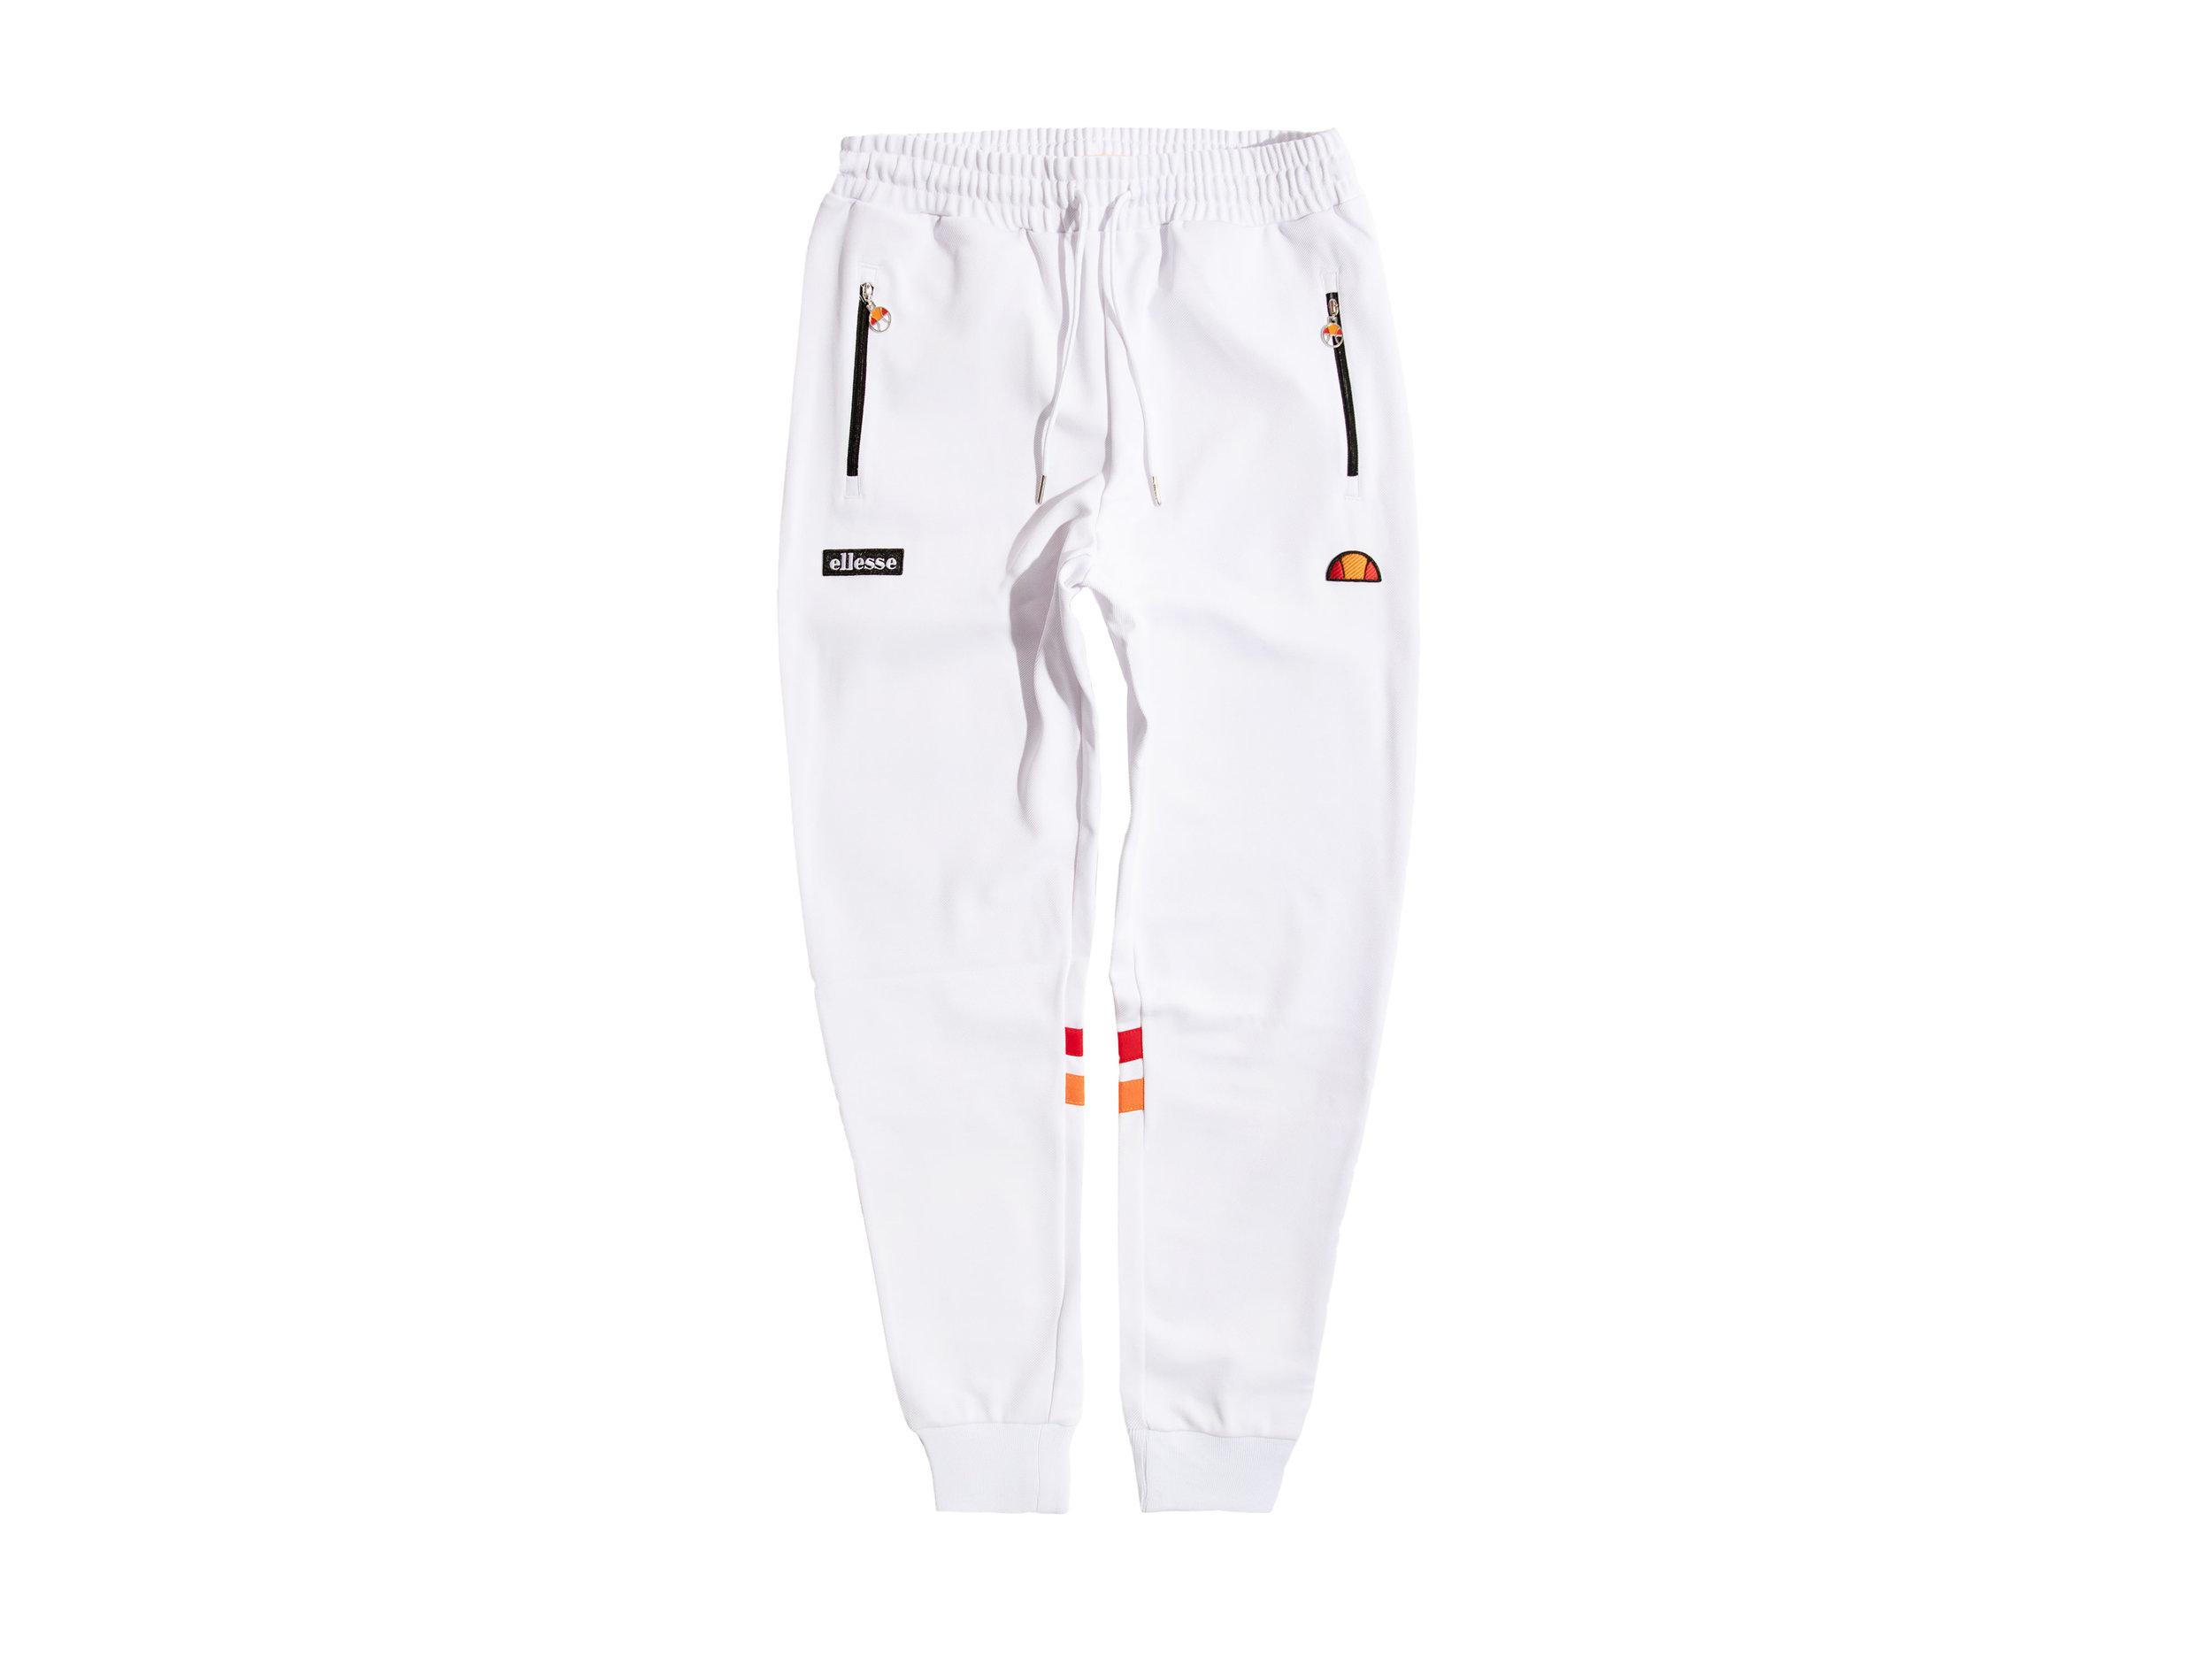 d27c232a17 ellesse Forum Premium Track Pant in White